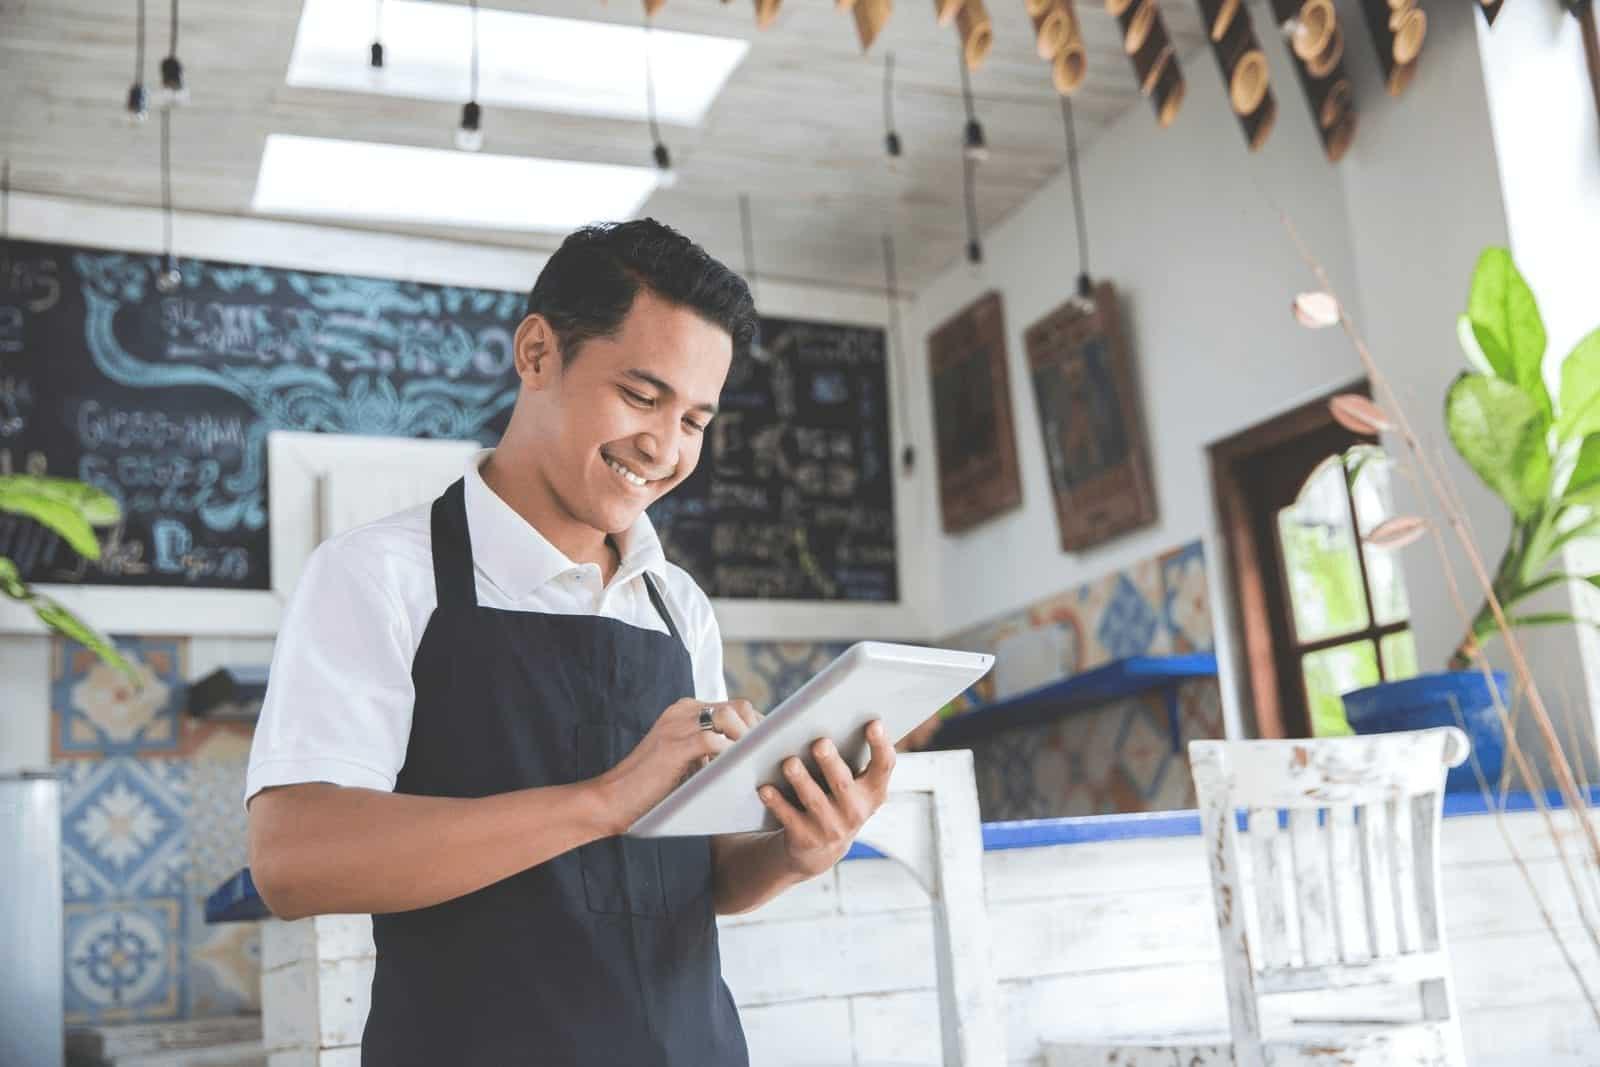 Talenta Aplikasi HR Terbaik, Punya Banyak Fitur Canggih dan Lengkap